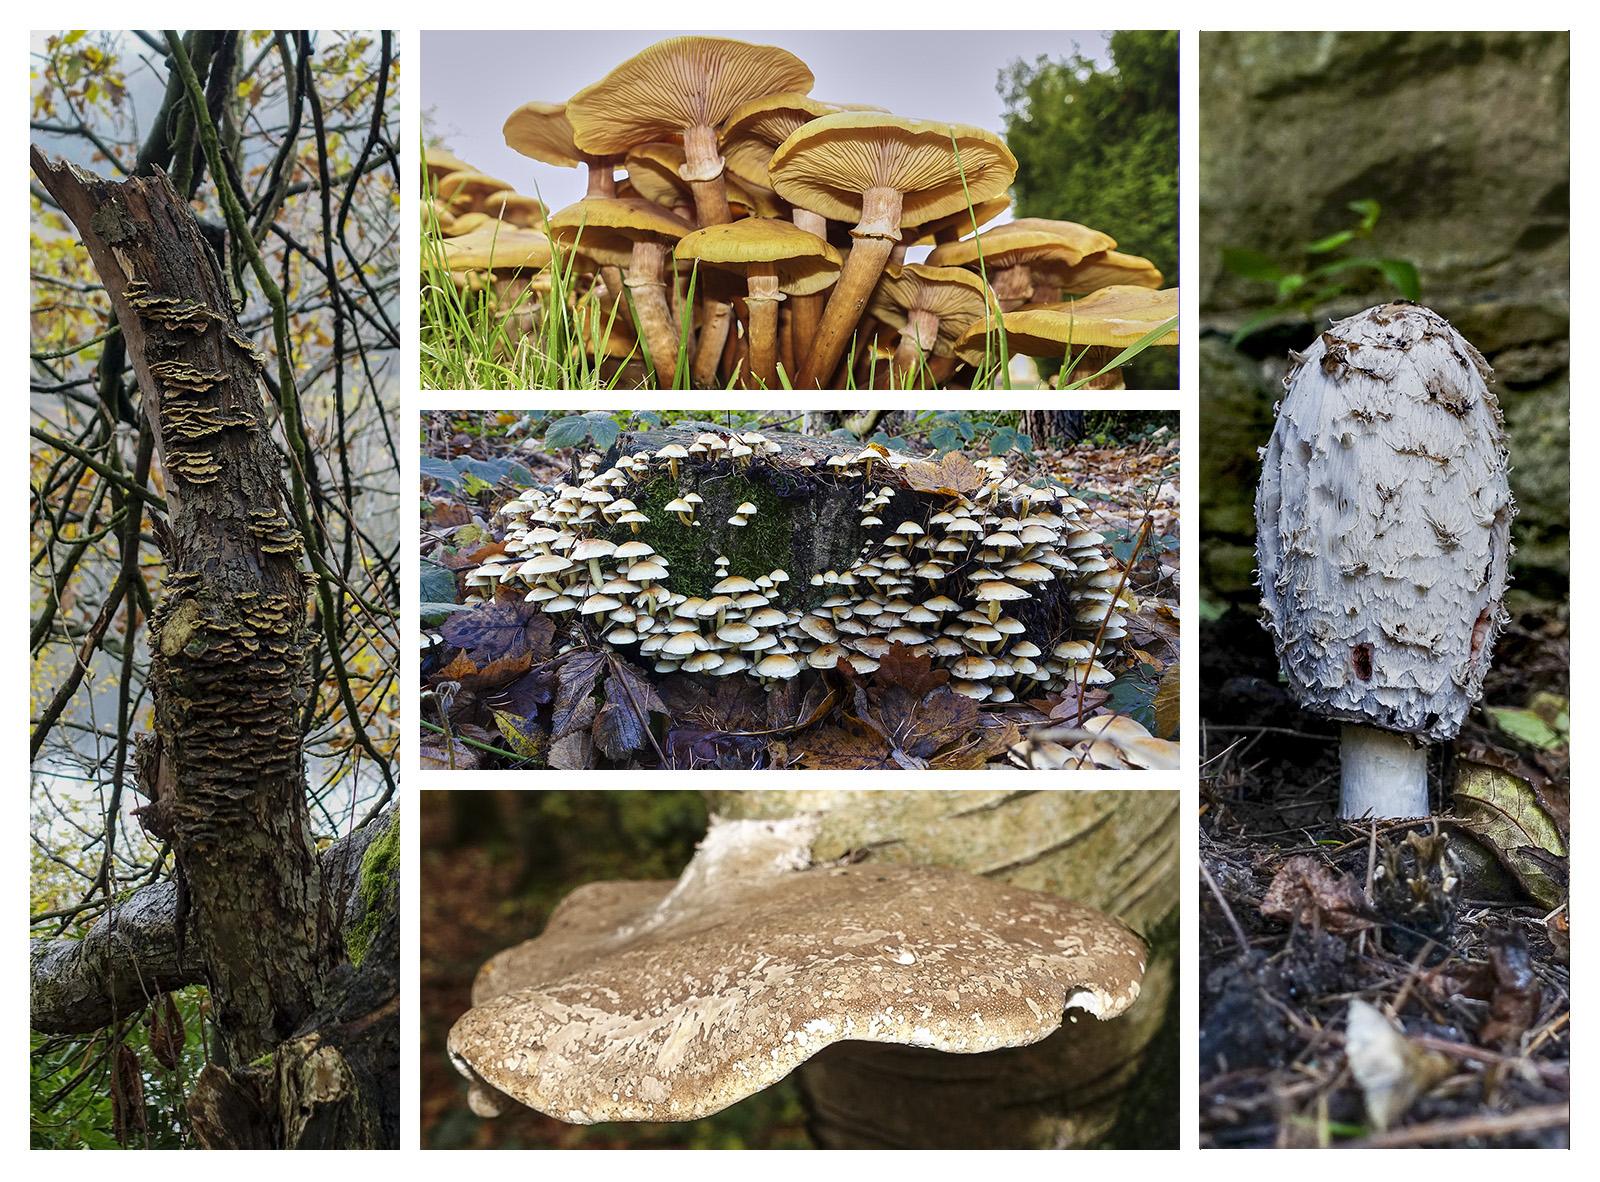 Fungi Collage